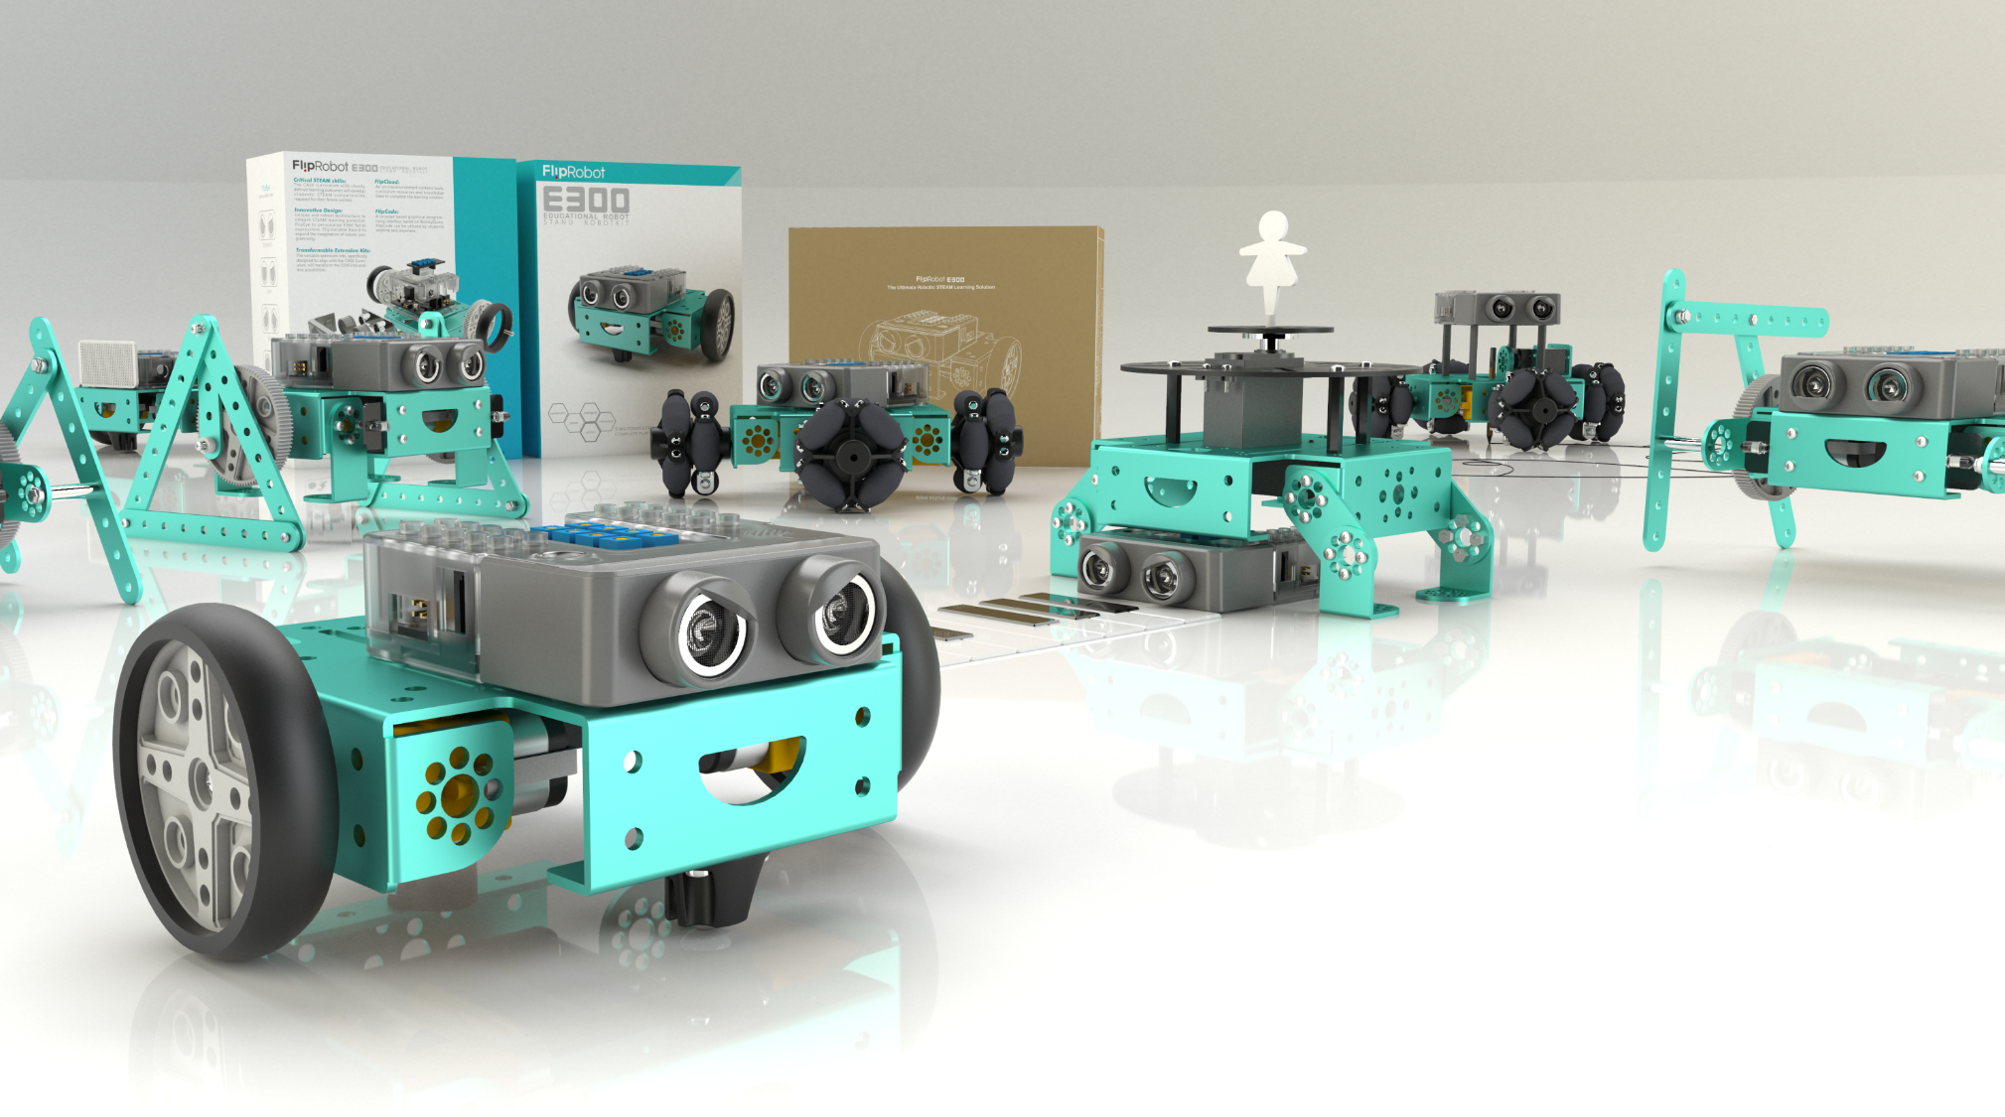 璞學出品翻轉機器人 獲國際學術認證標準